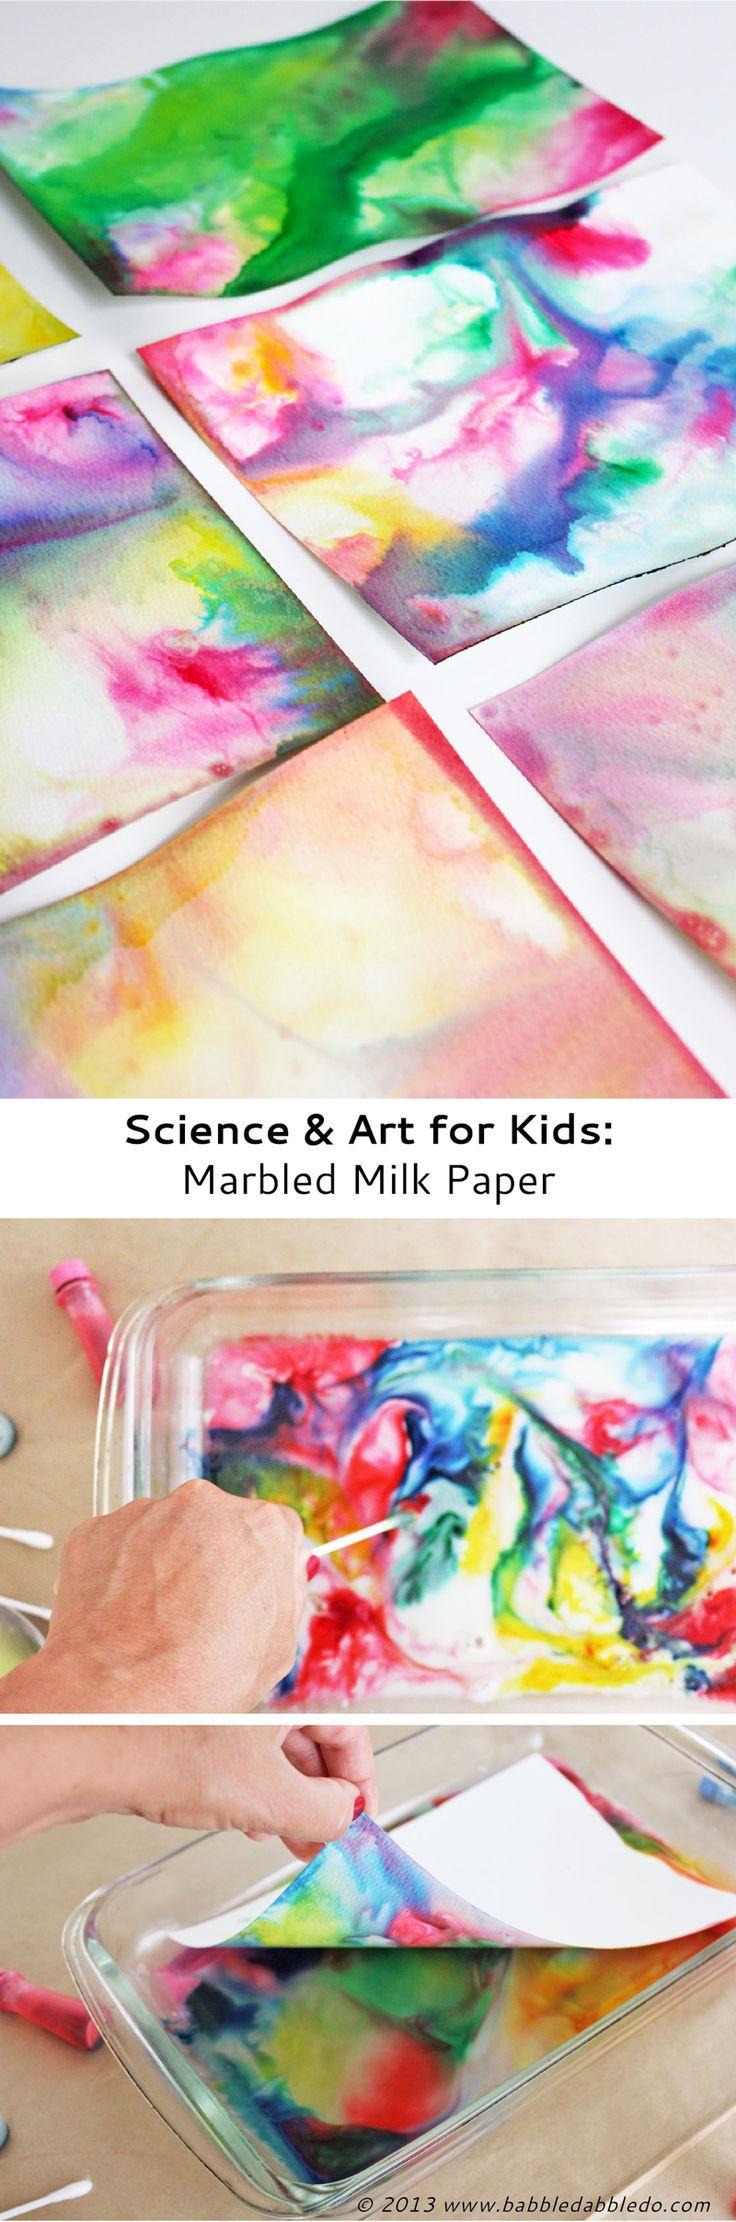 Expérience scientifique pour enfant: Marbled Milk Paper